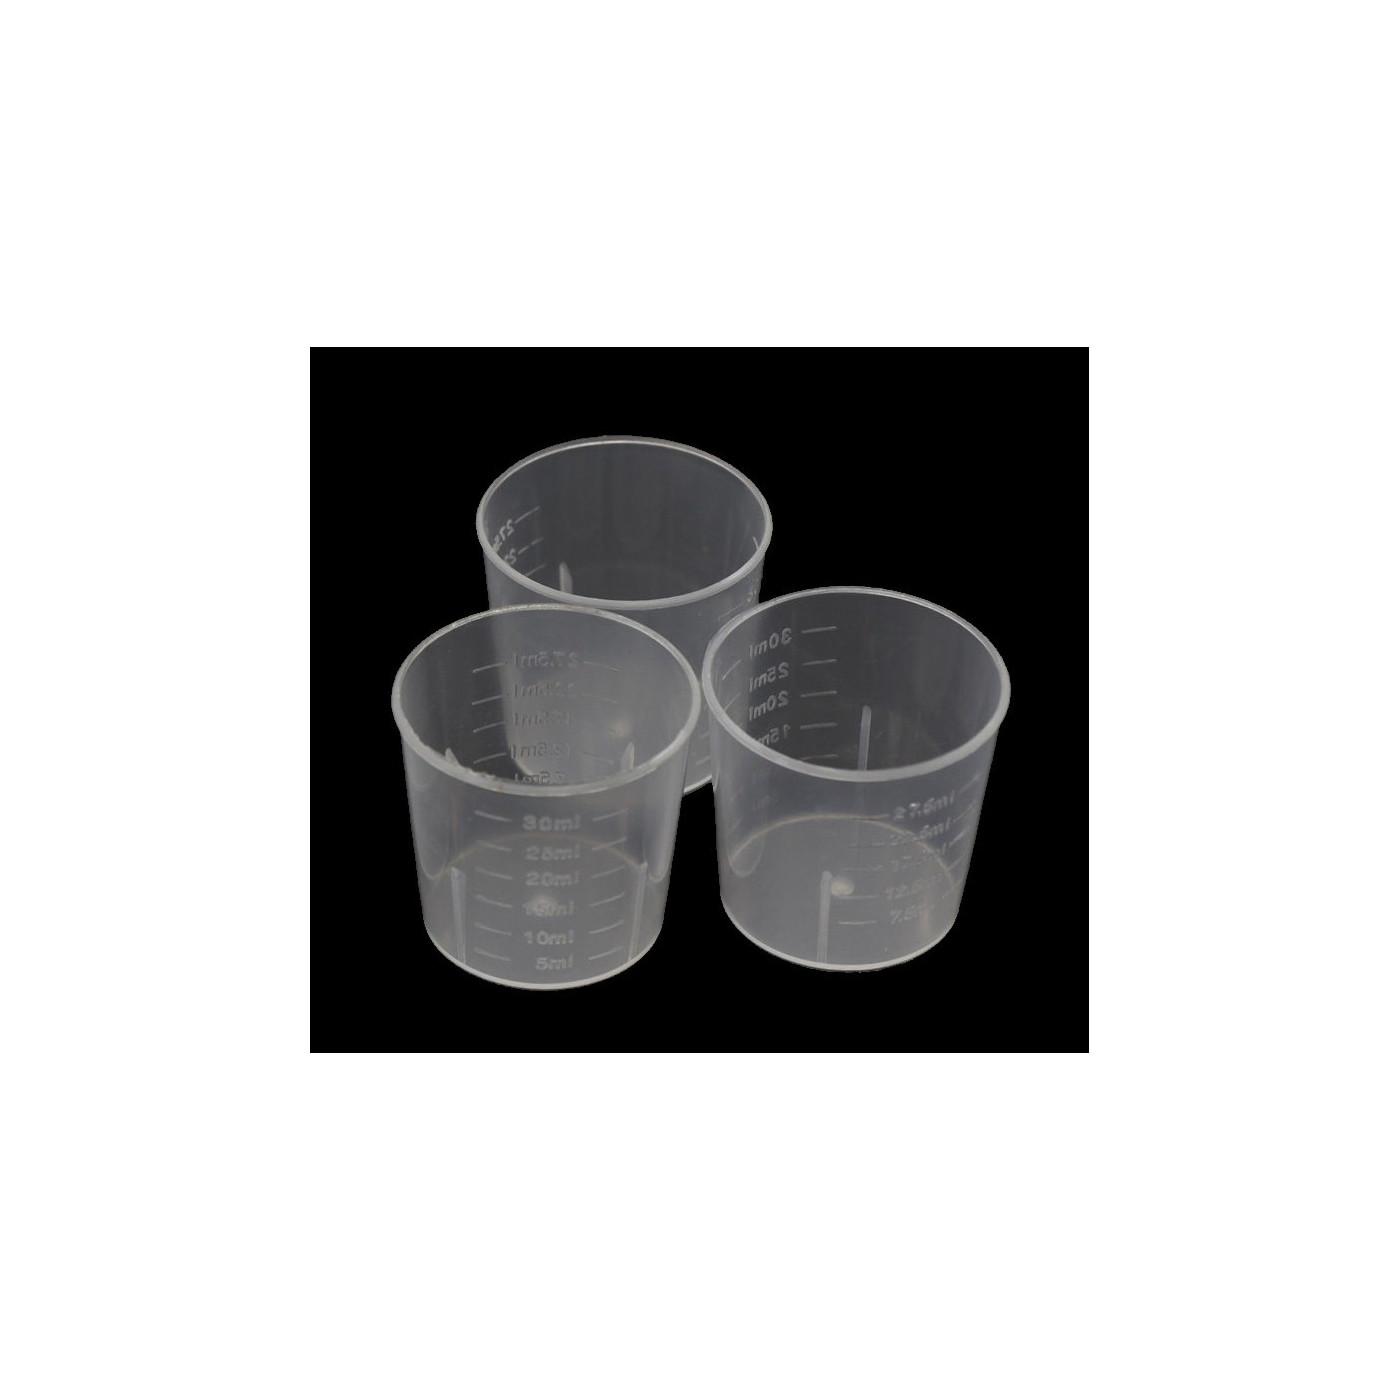 Set von 60 Mini Plastikmessbechern (30 ml)  - 1